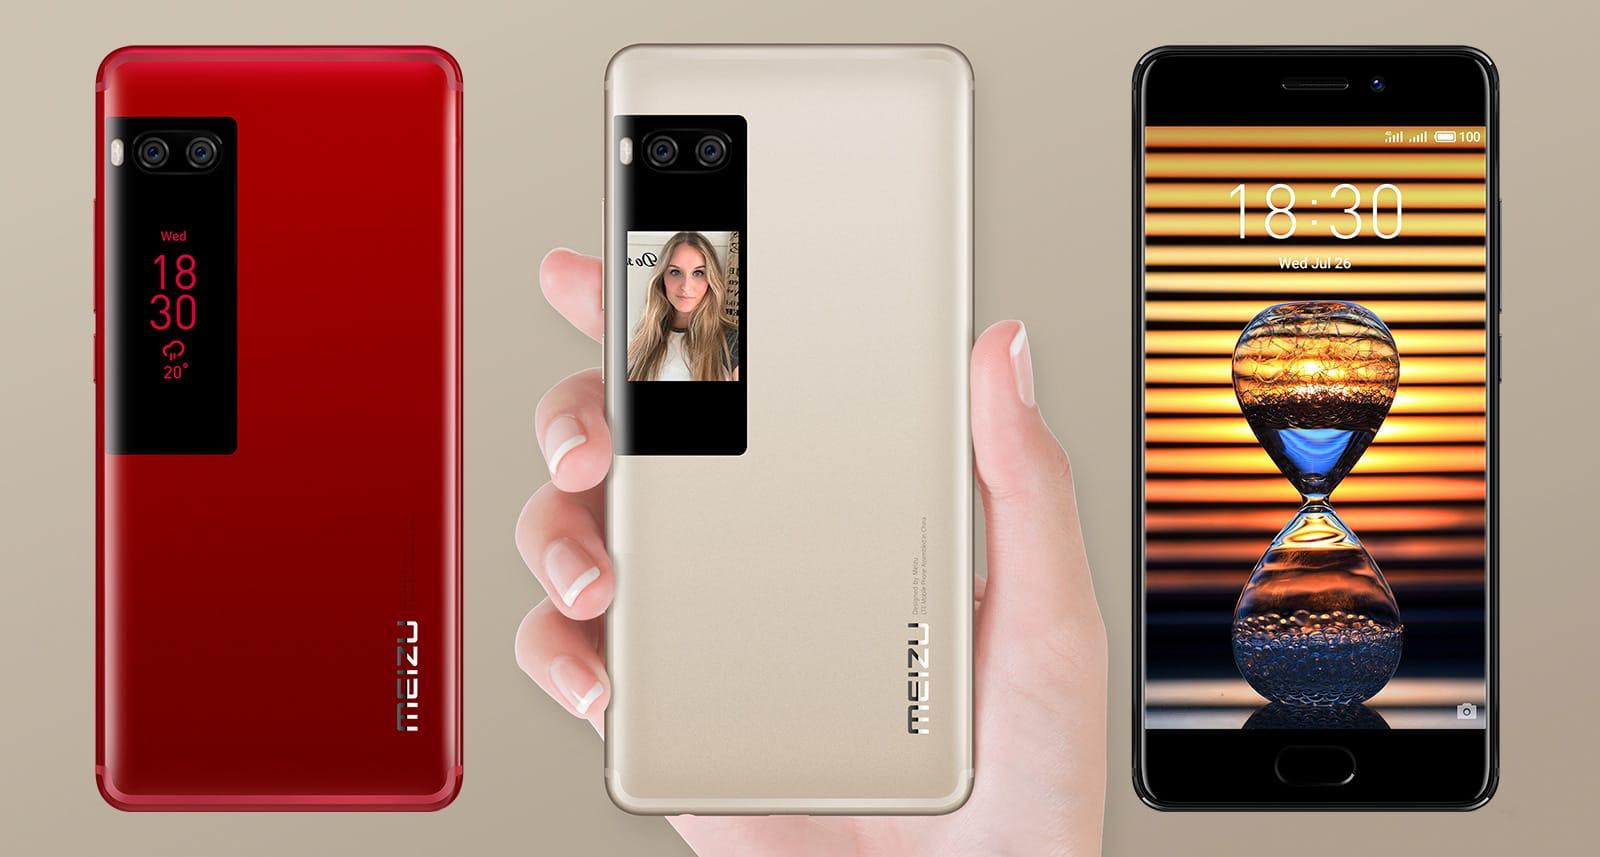 Компания Meizu распродает свои фирменные мобильные телефоны сбольшими скидками